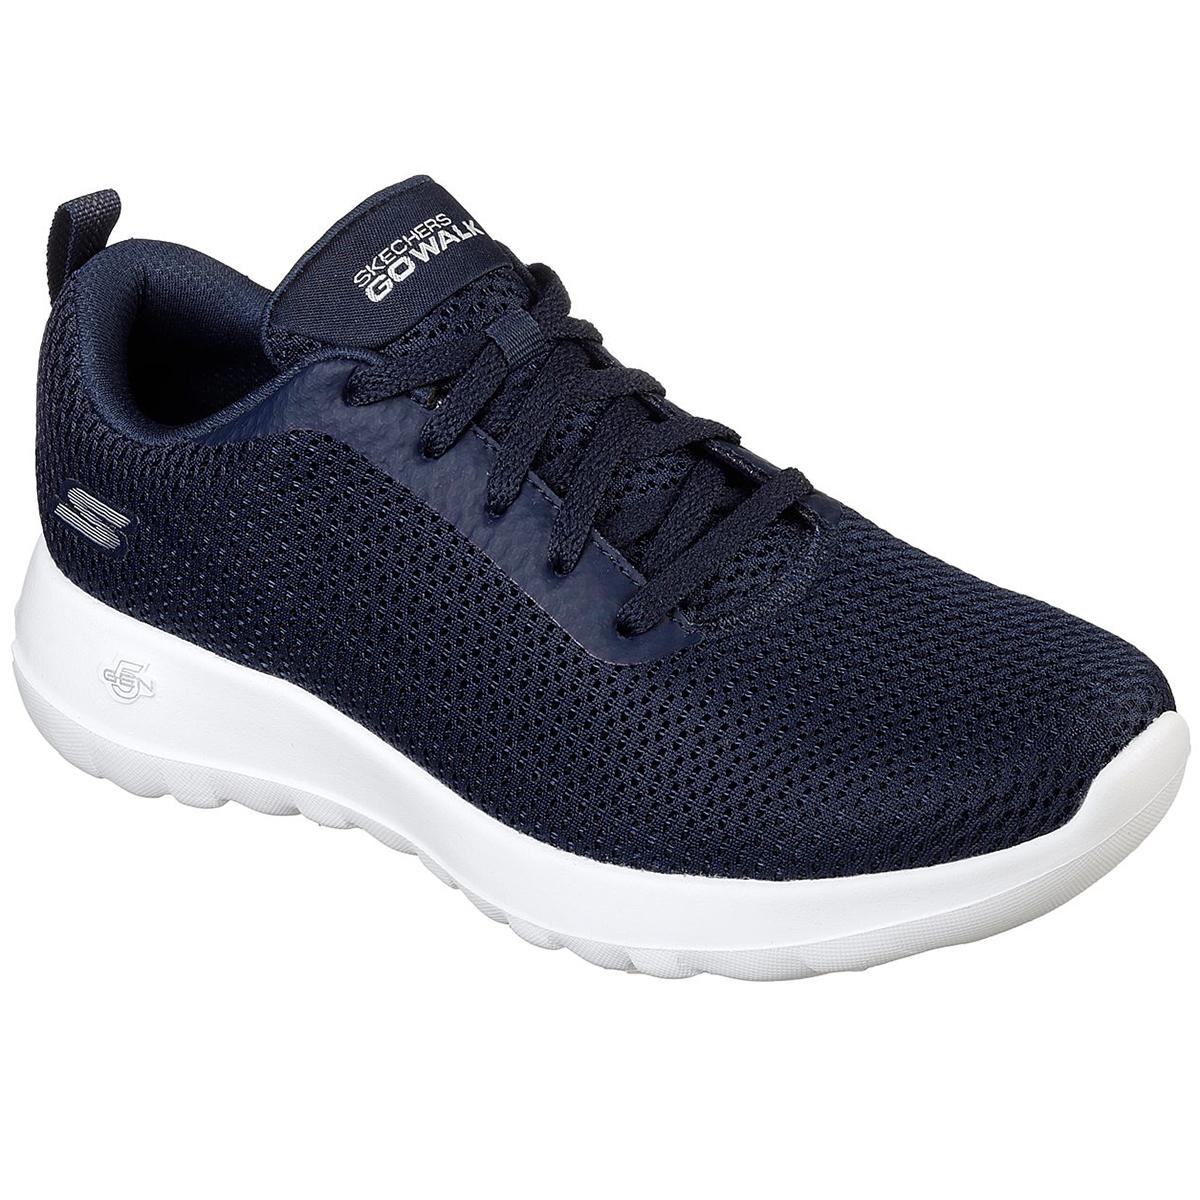 Skechers Women's Gowalk Joy Casual Shoes - Blue, 8.5